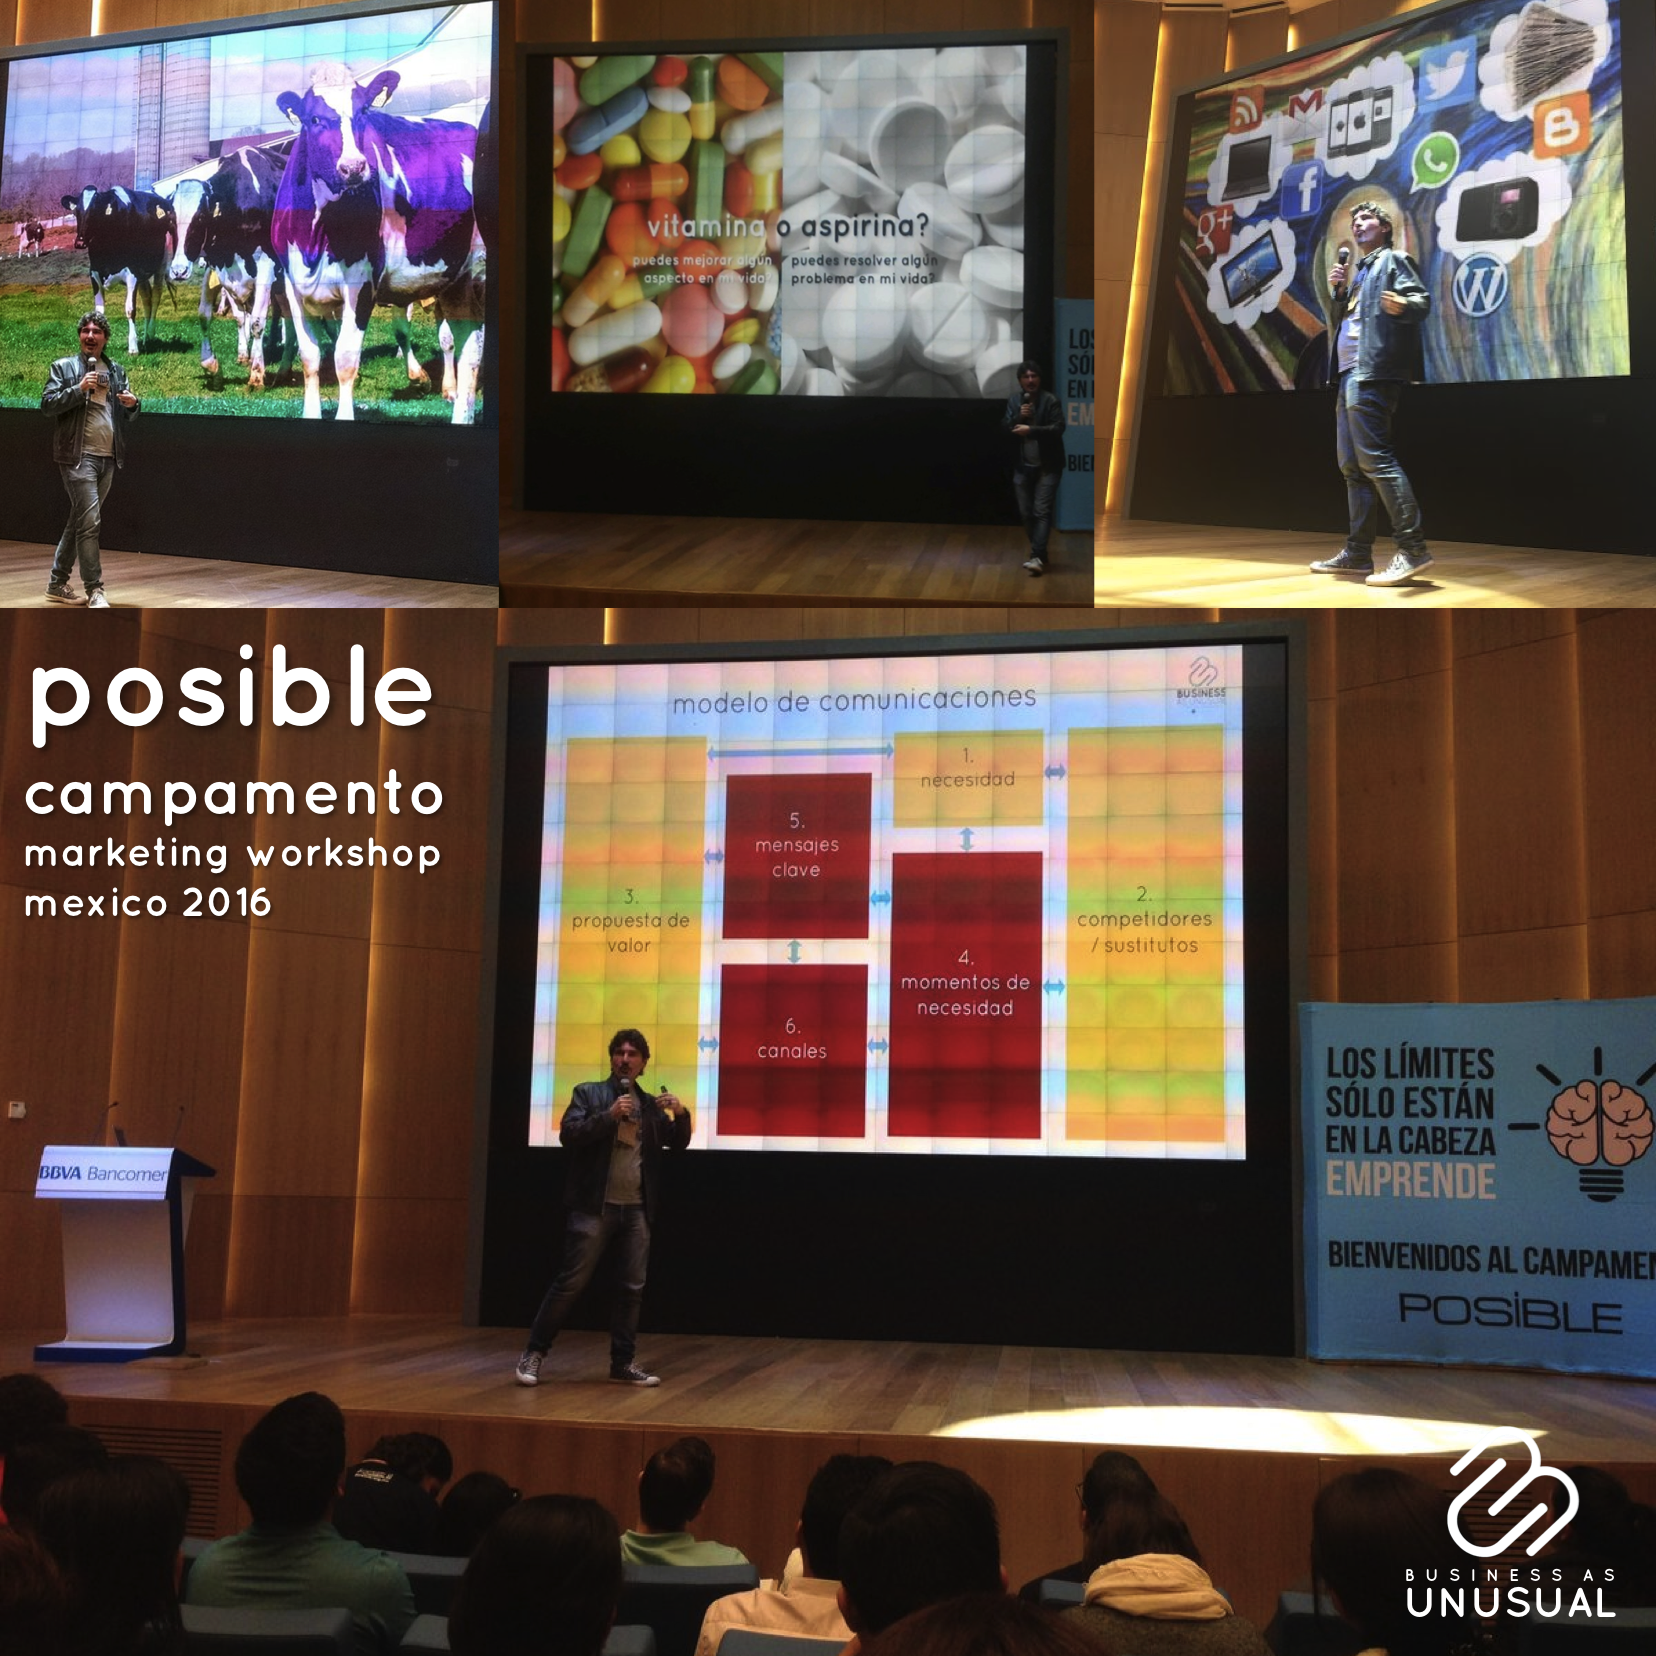 POSiBLE - Marketing Workshop